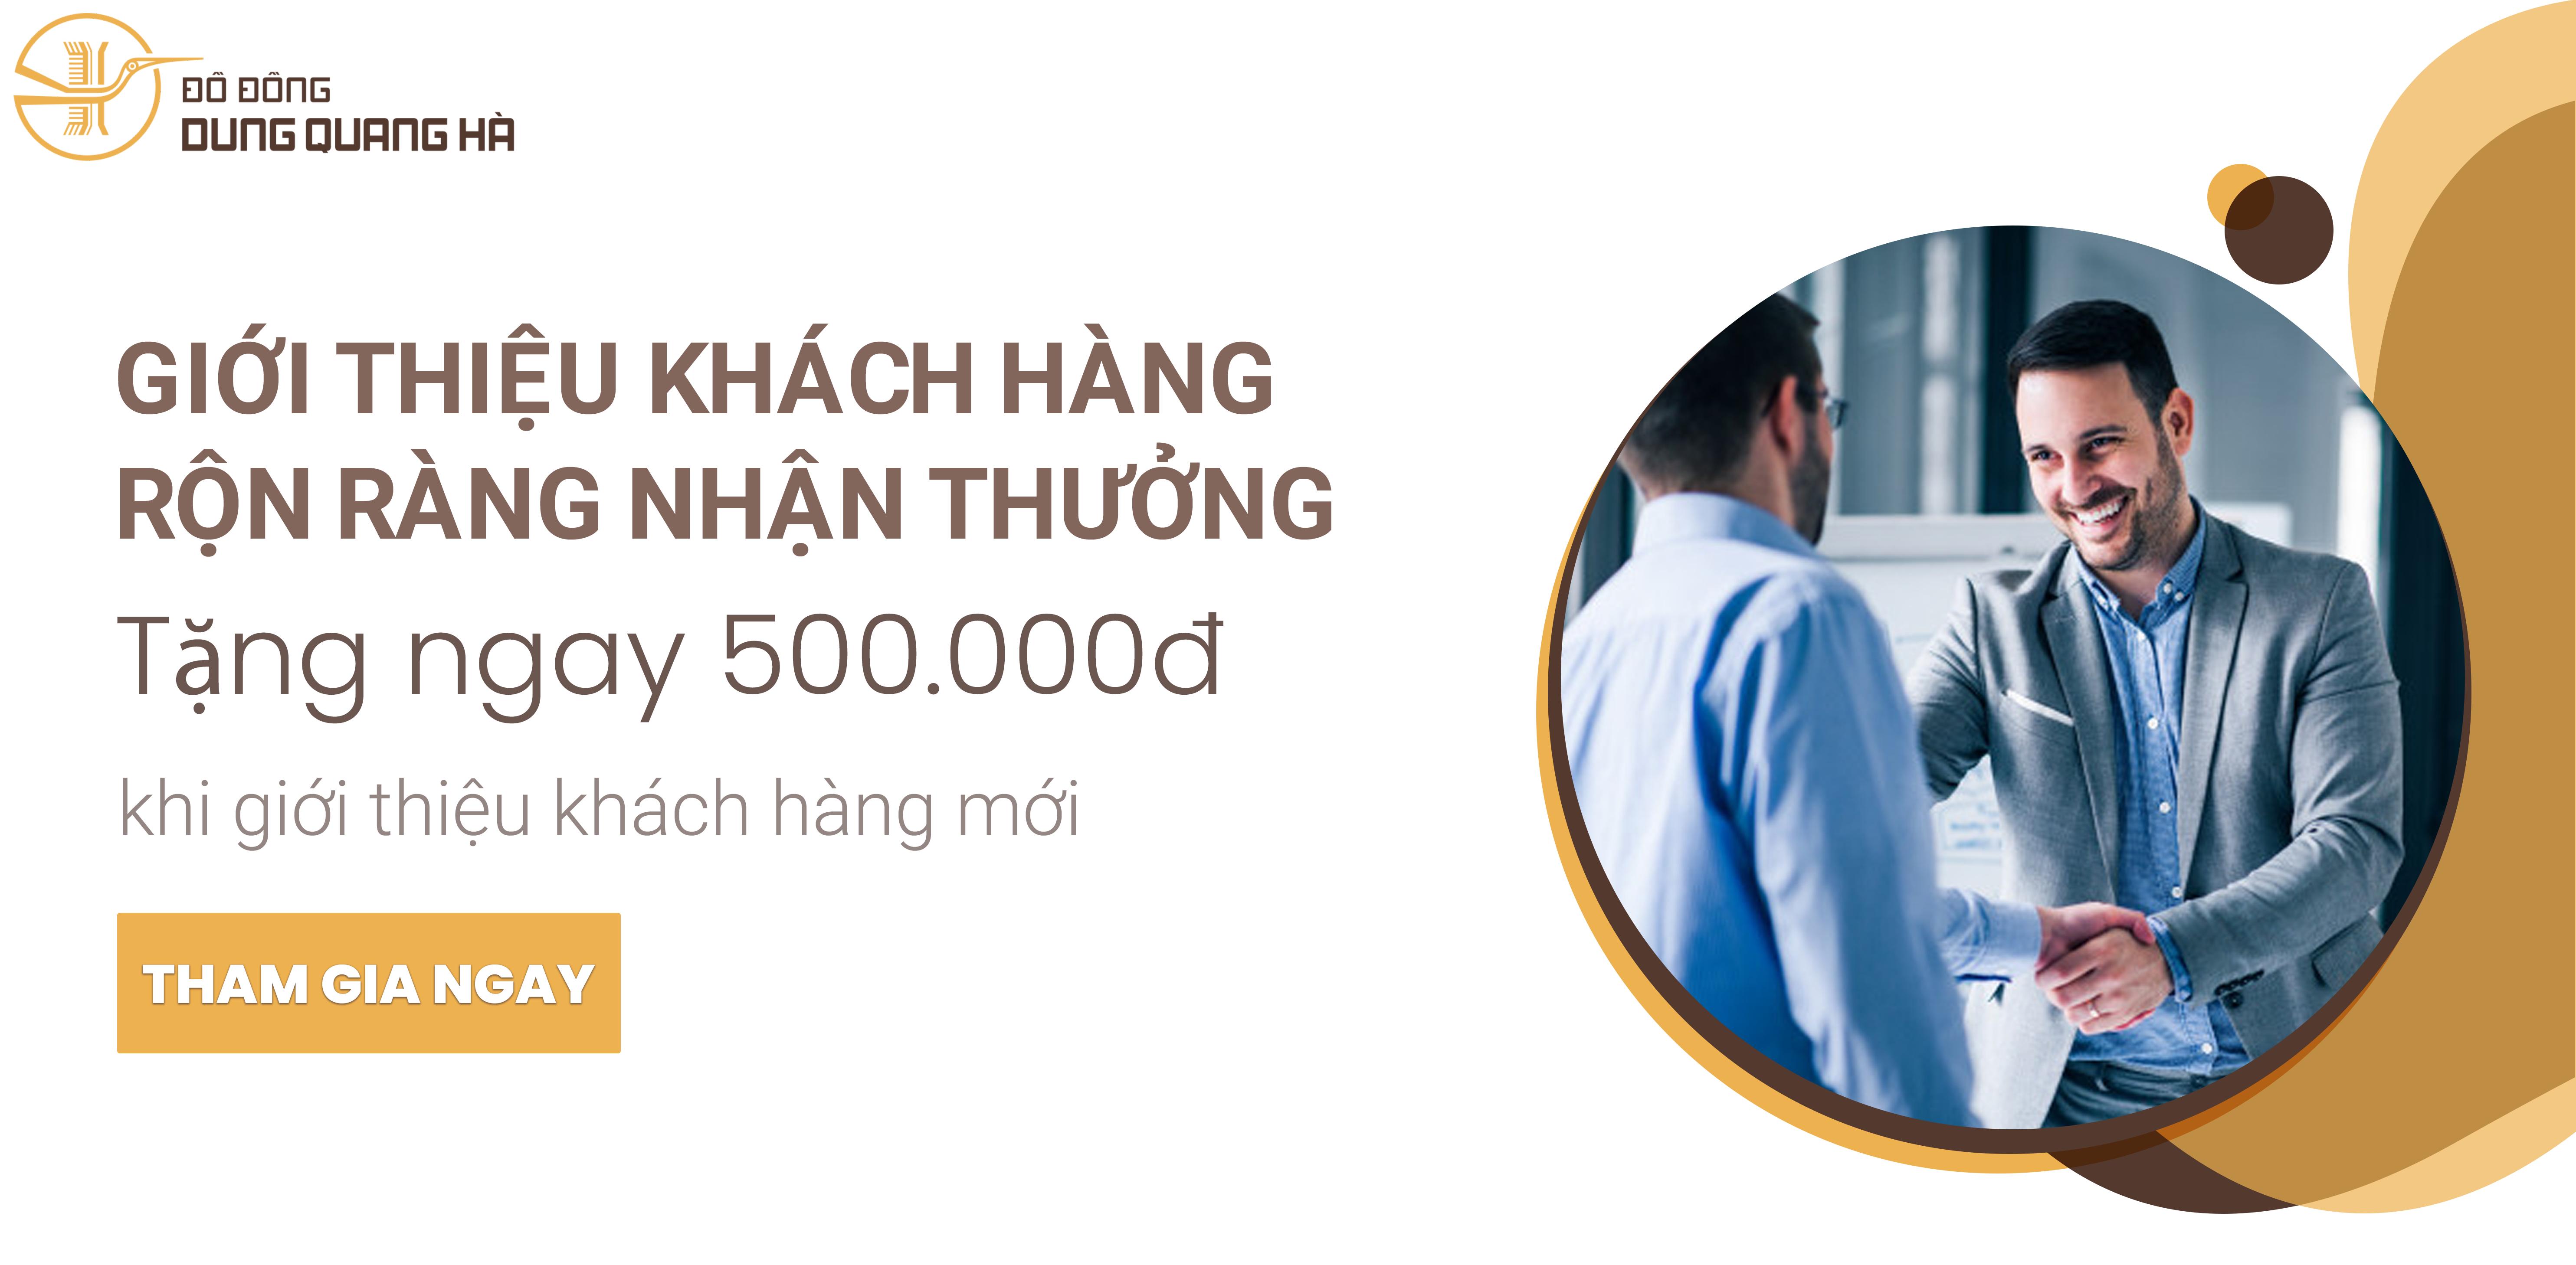 Giới thiệu khách hàng nhận quà tặng từ Đồ Đồng Dung Quang Hà